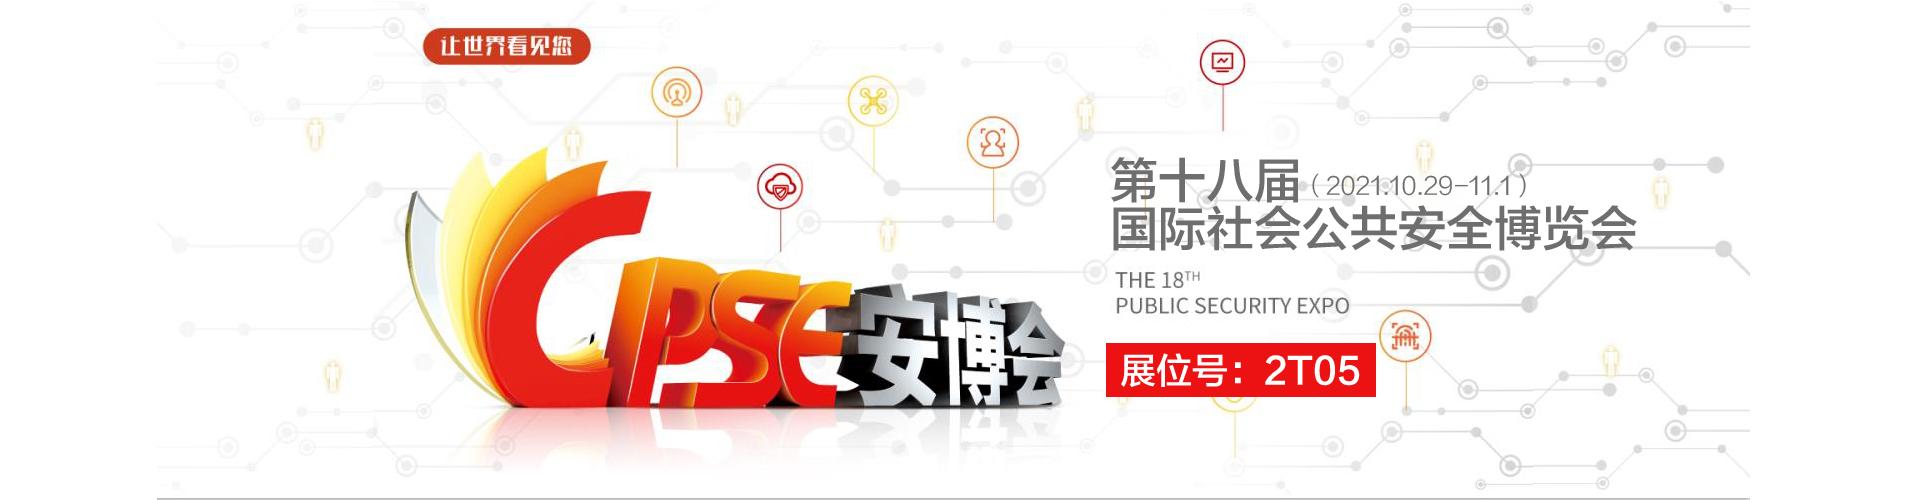 深圳安博会